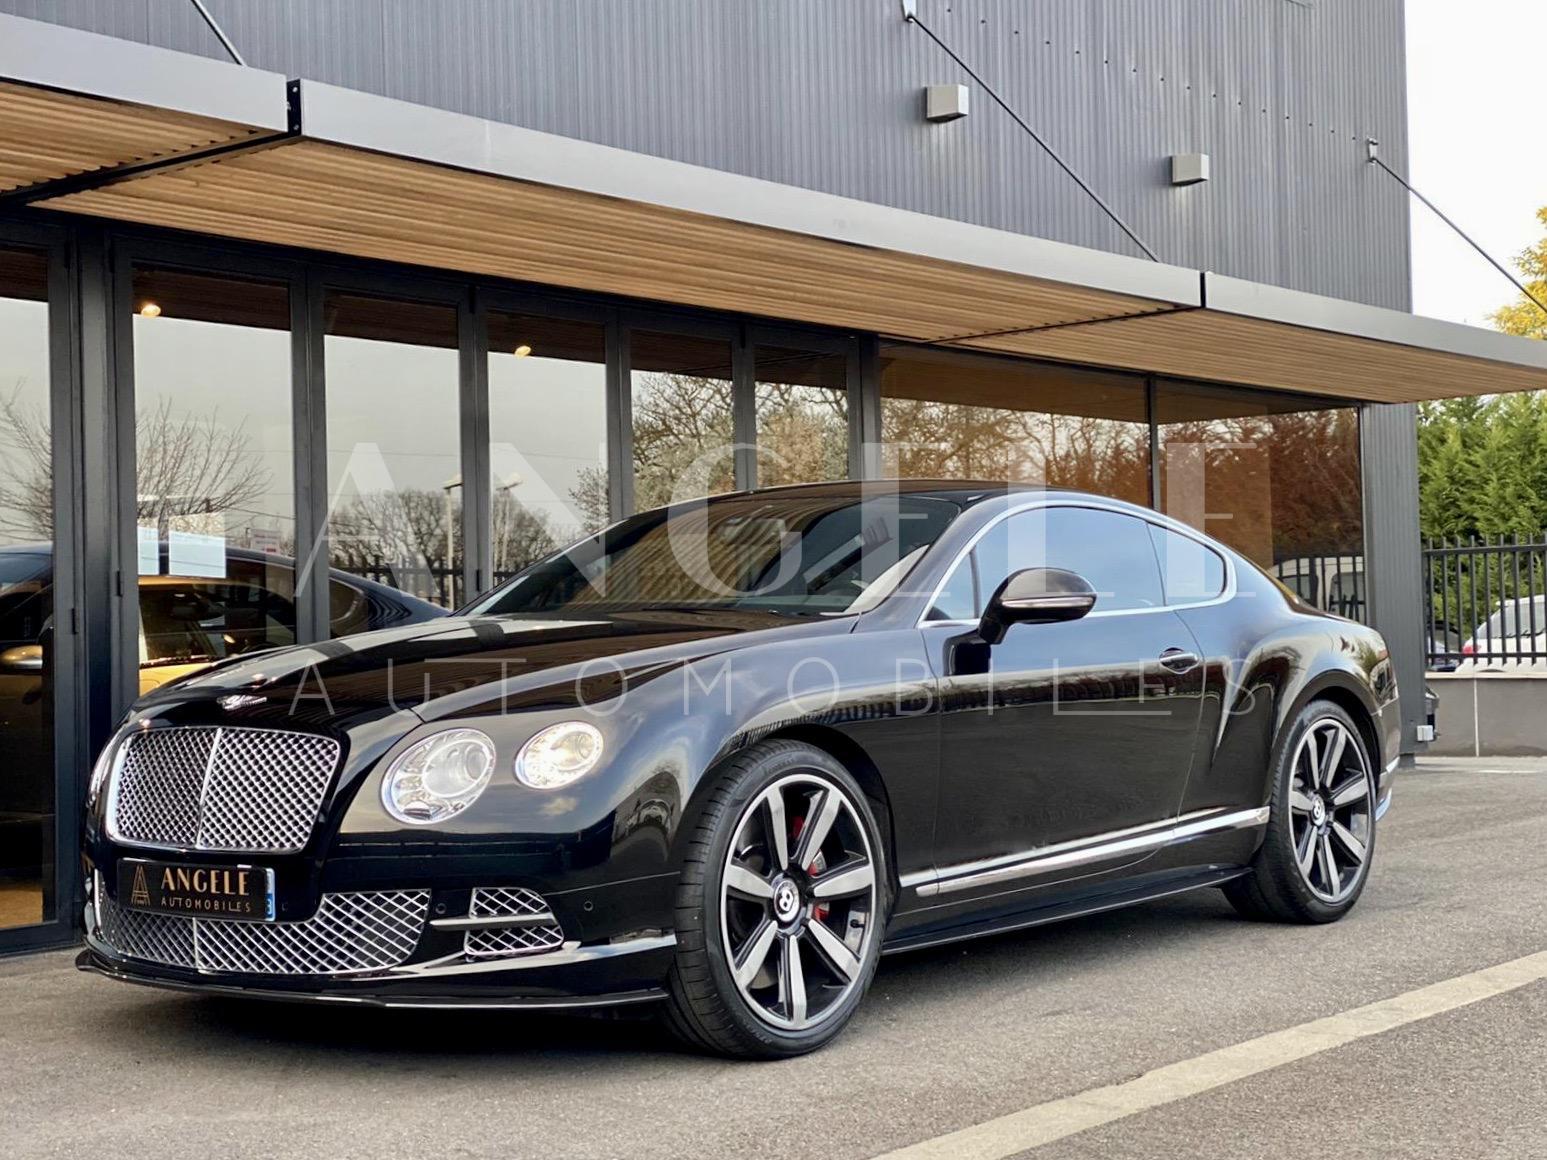 Bentley Continental GT 2 - Angelé Automobiles